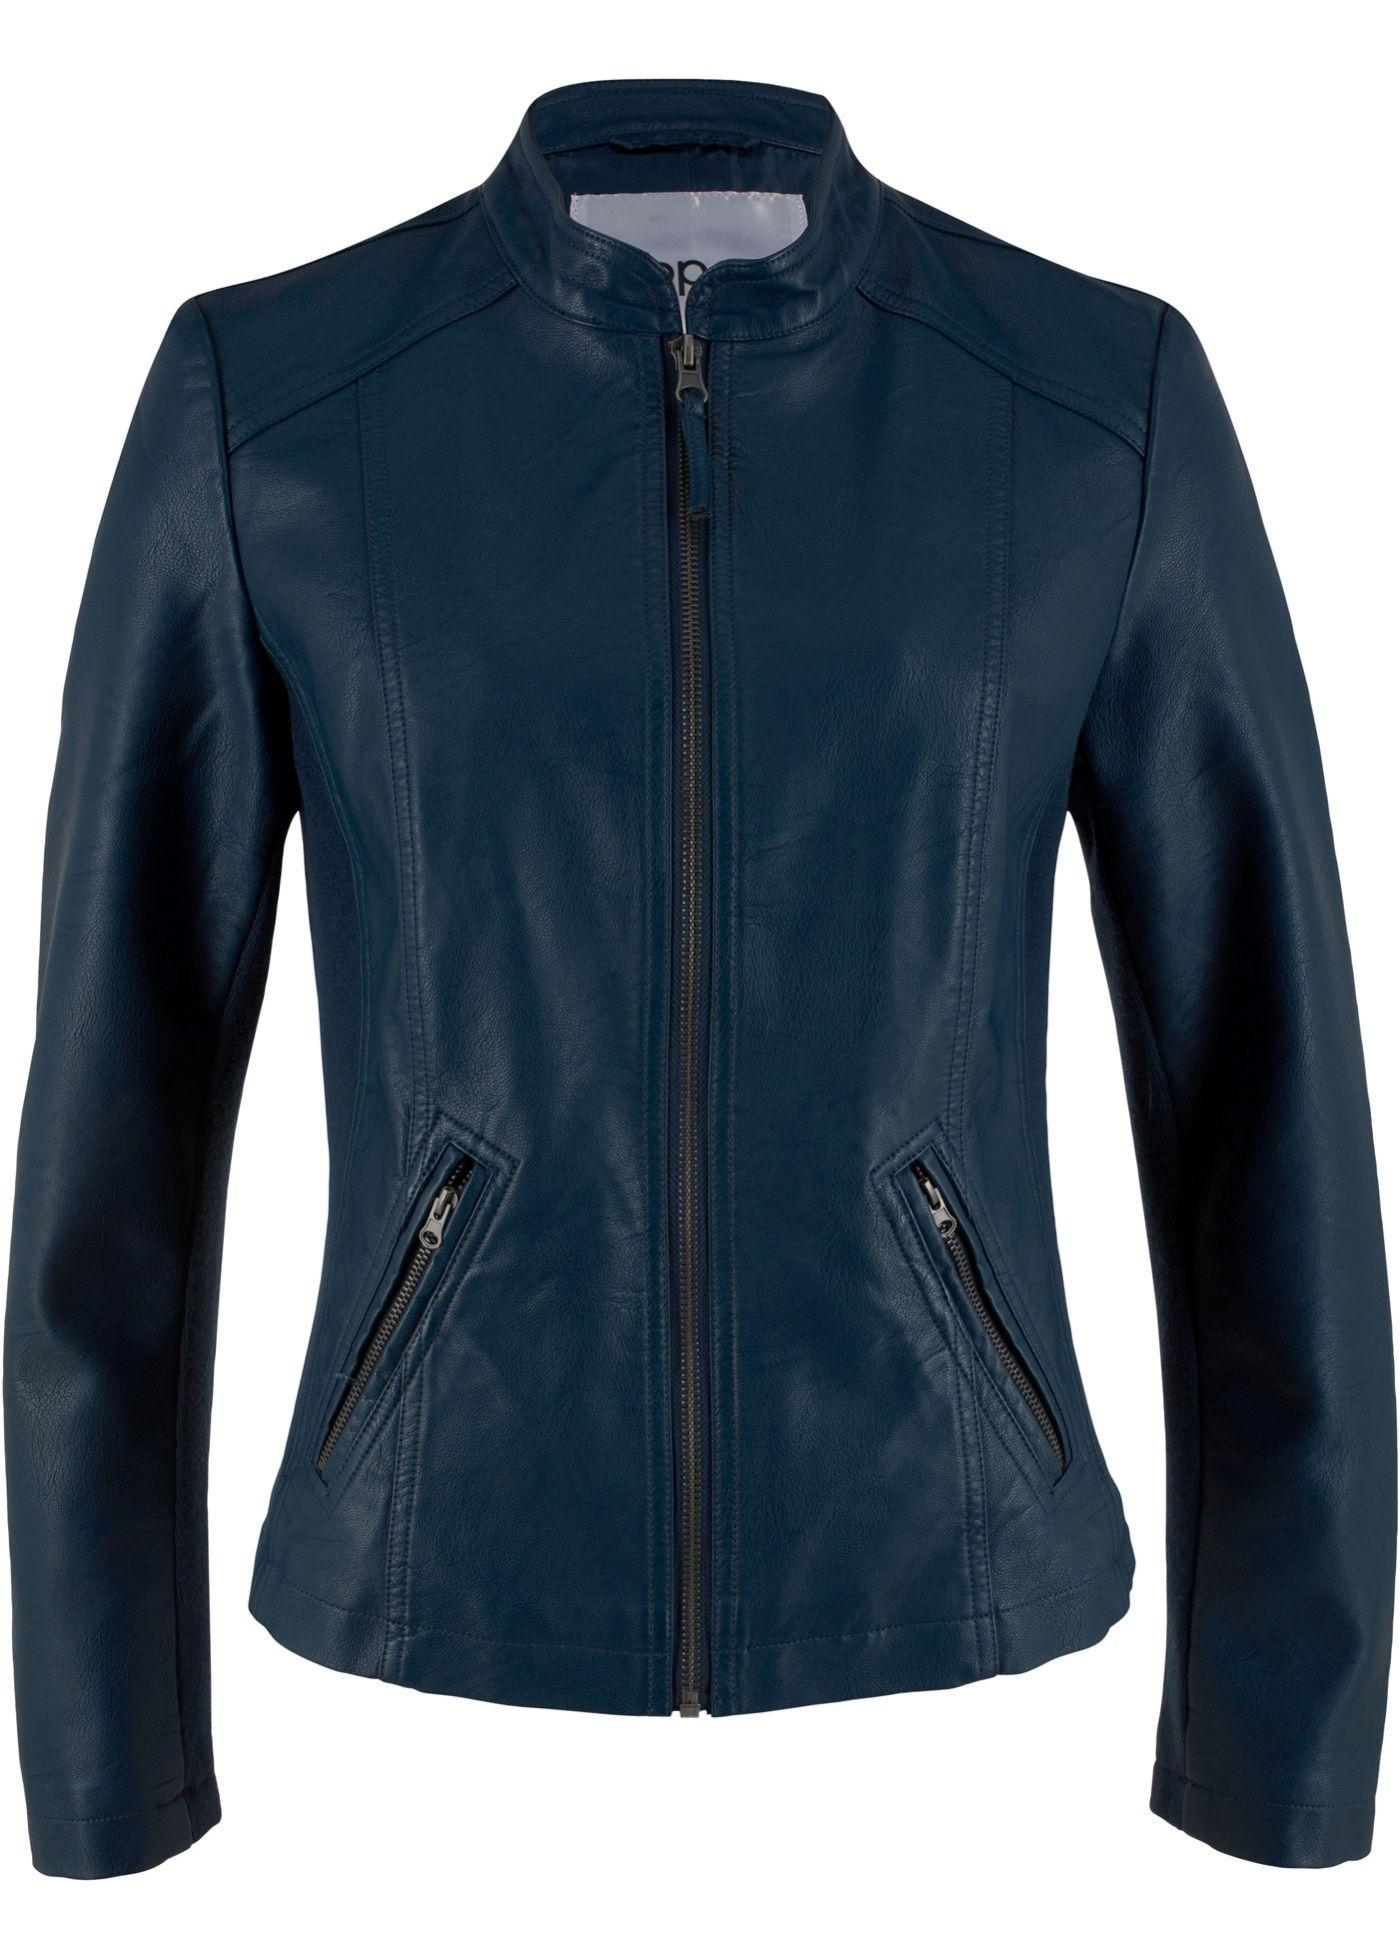 Taillierte Jacke aus Lederimitat mit Stehkragen in 2019